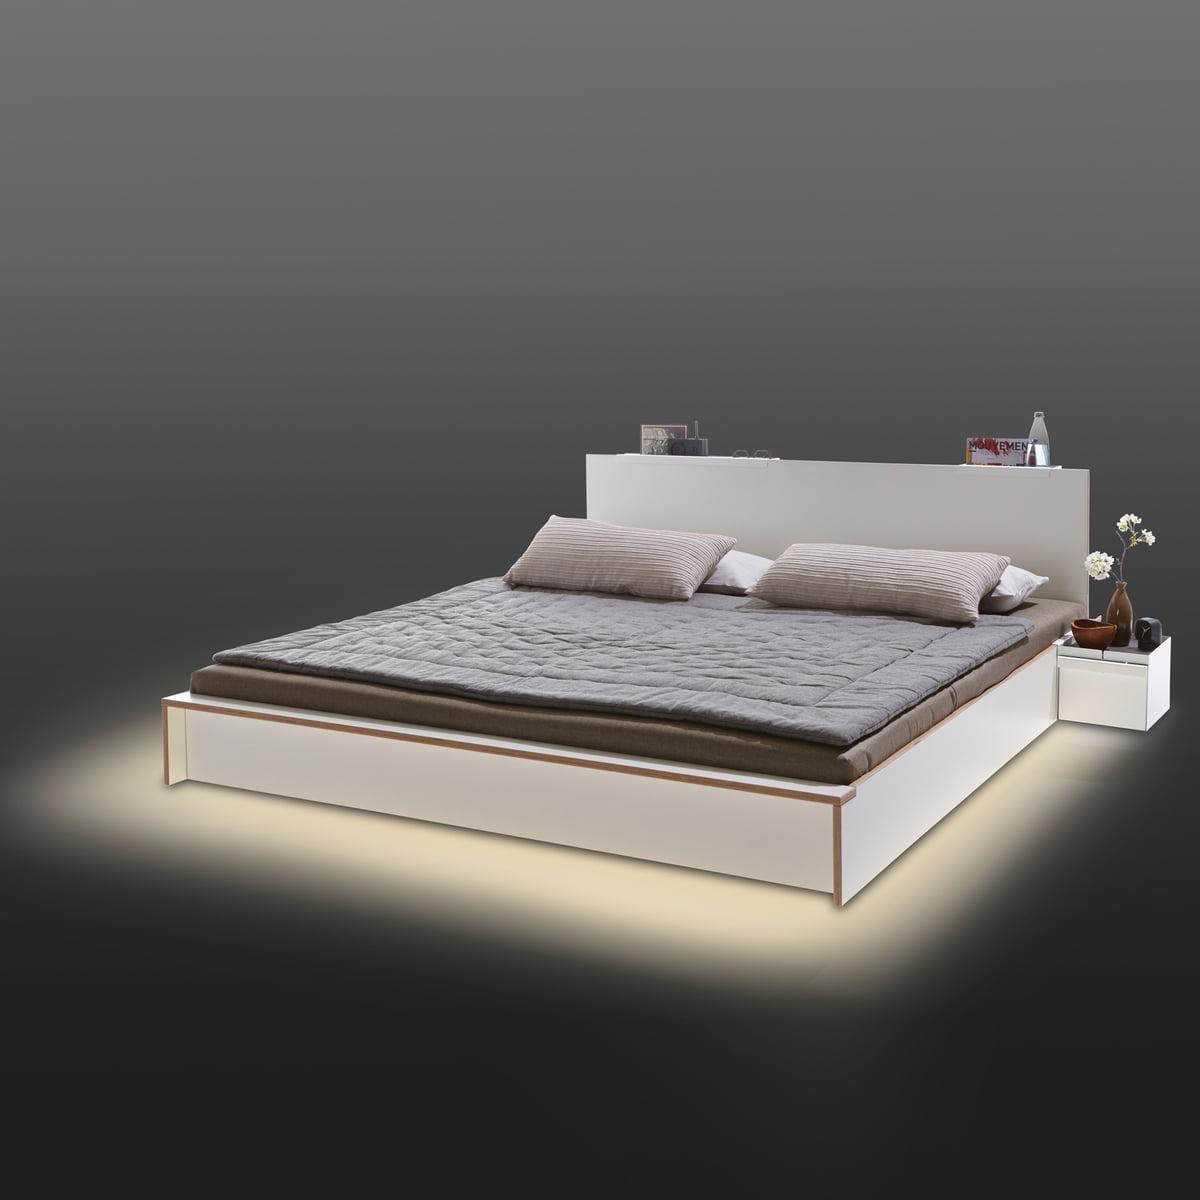 Led Beleuchtung Bett | Flai Bett Von Muller Mobelwerkstatten Shop